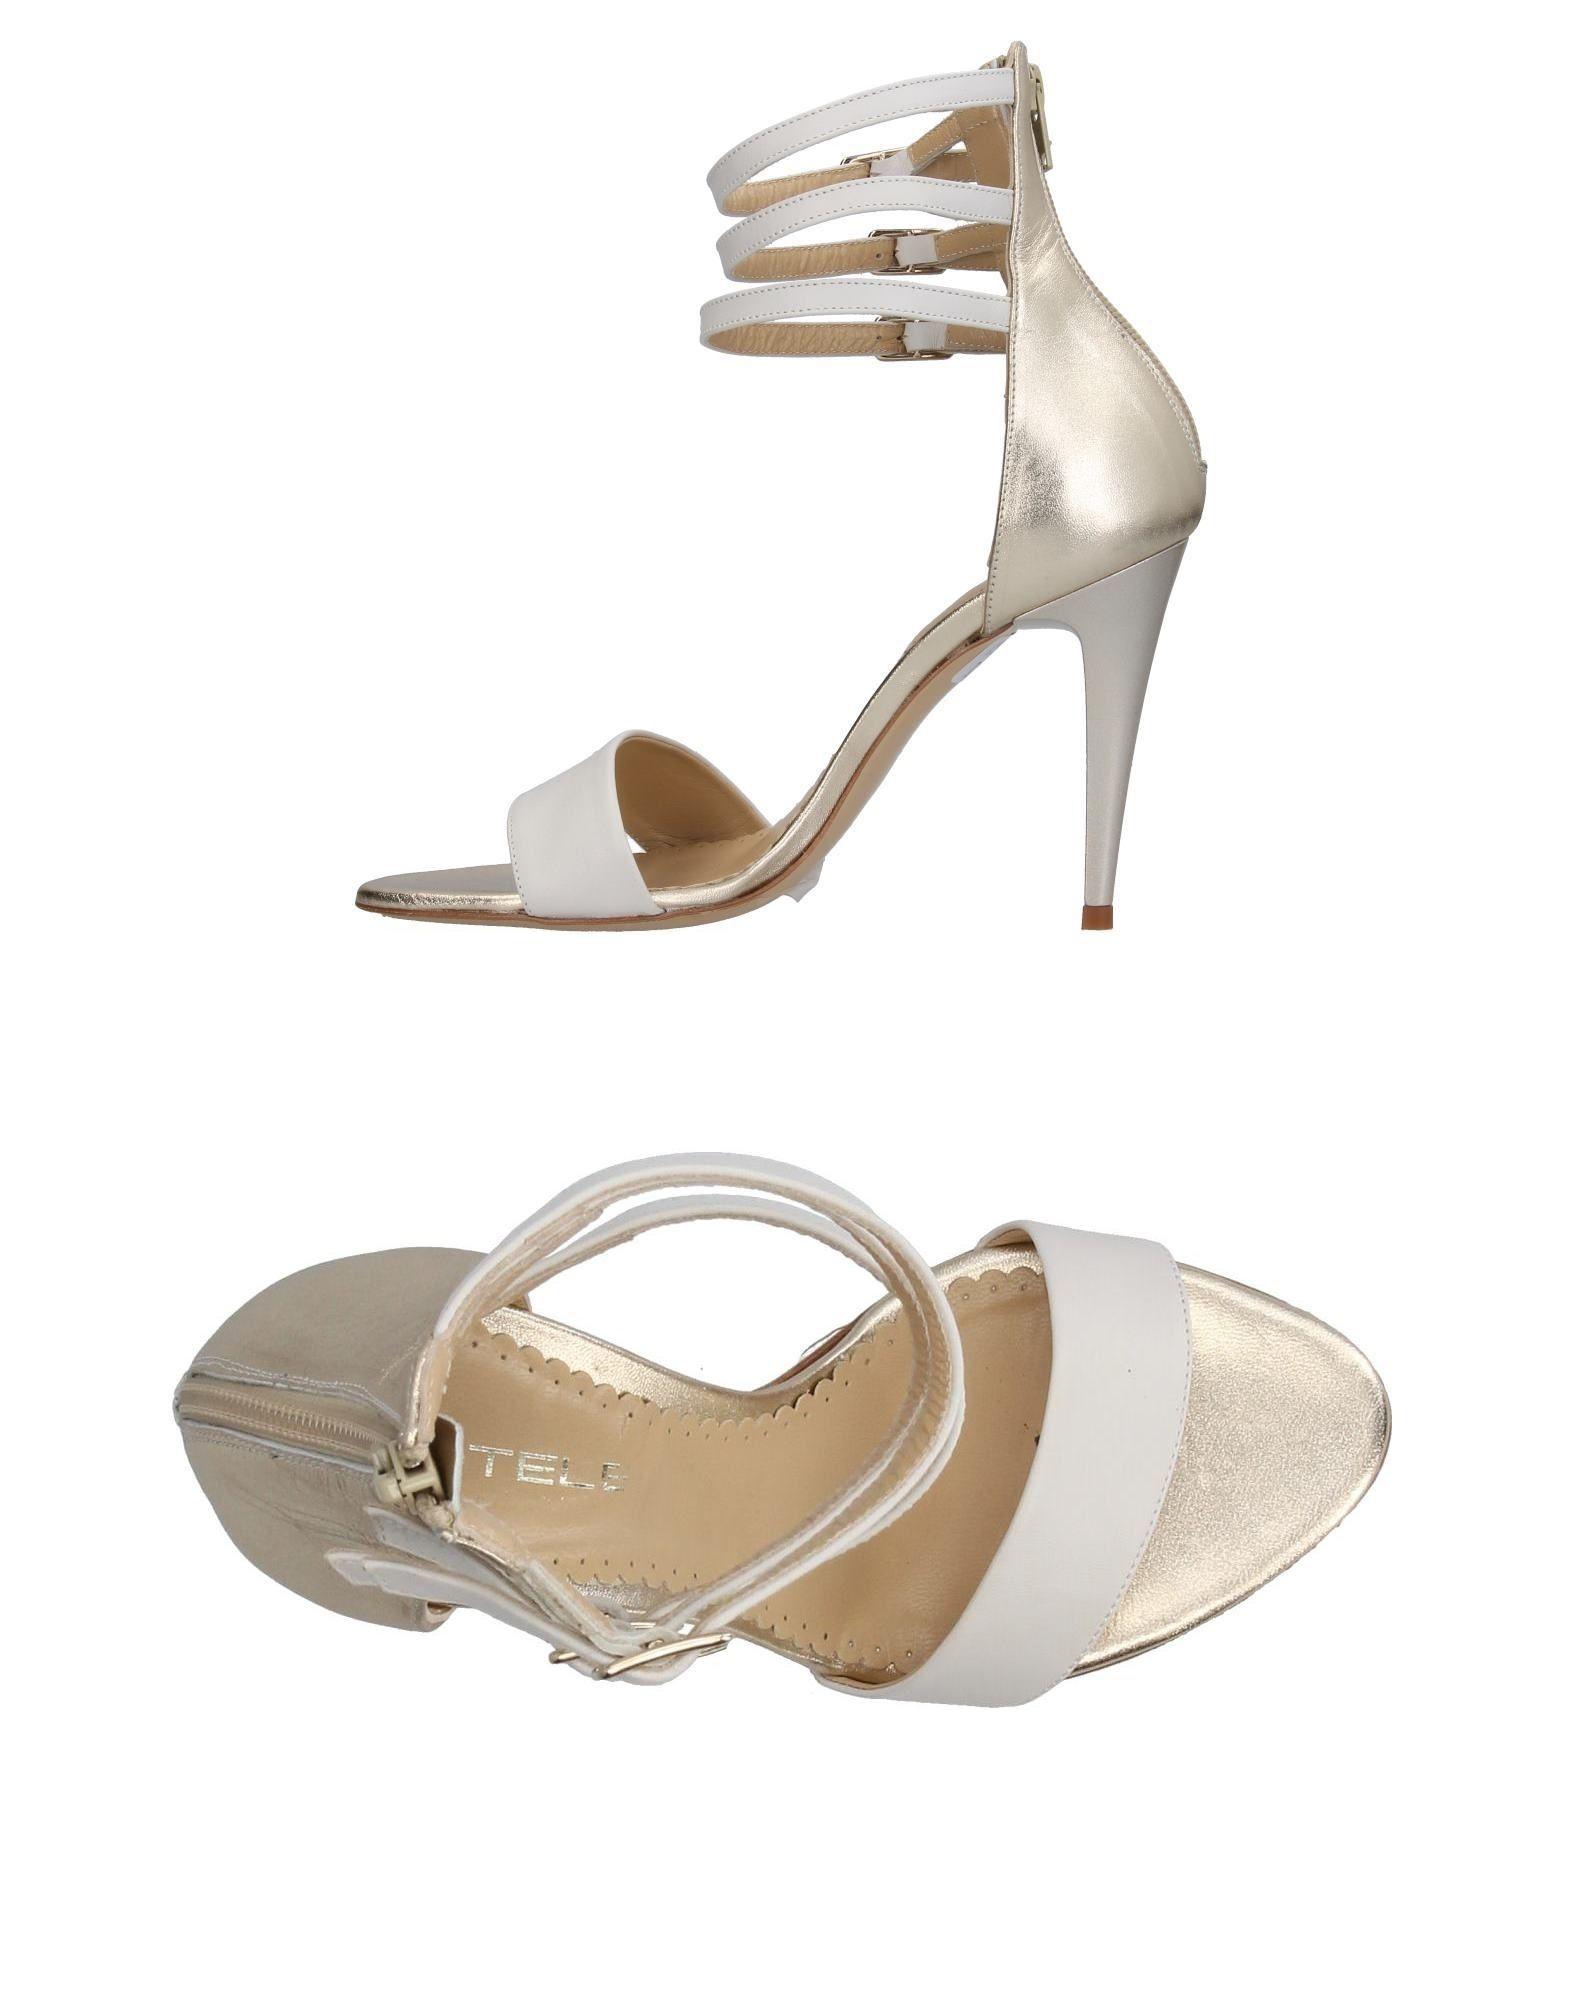 Stele Sandalen Damen  11376357RQ Gute Qualität beliebte Schuhe